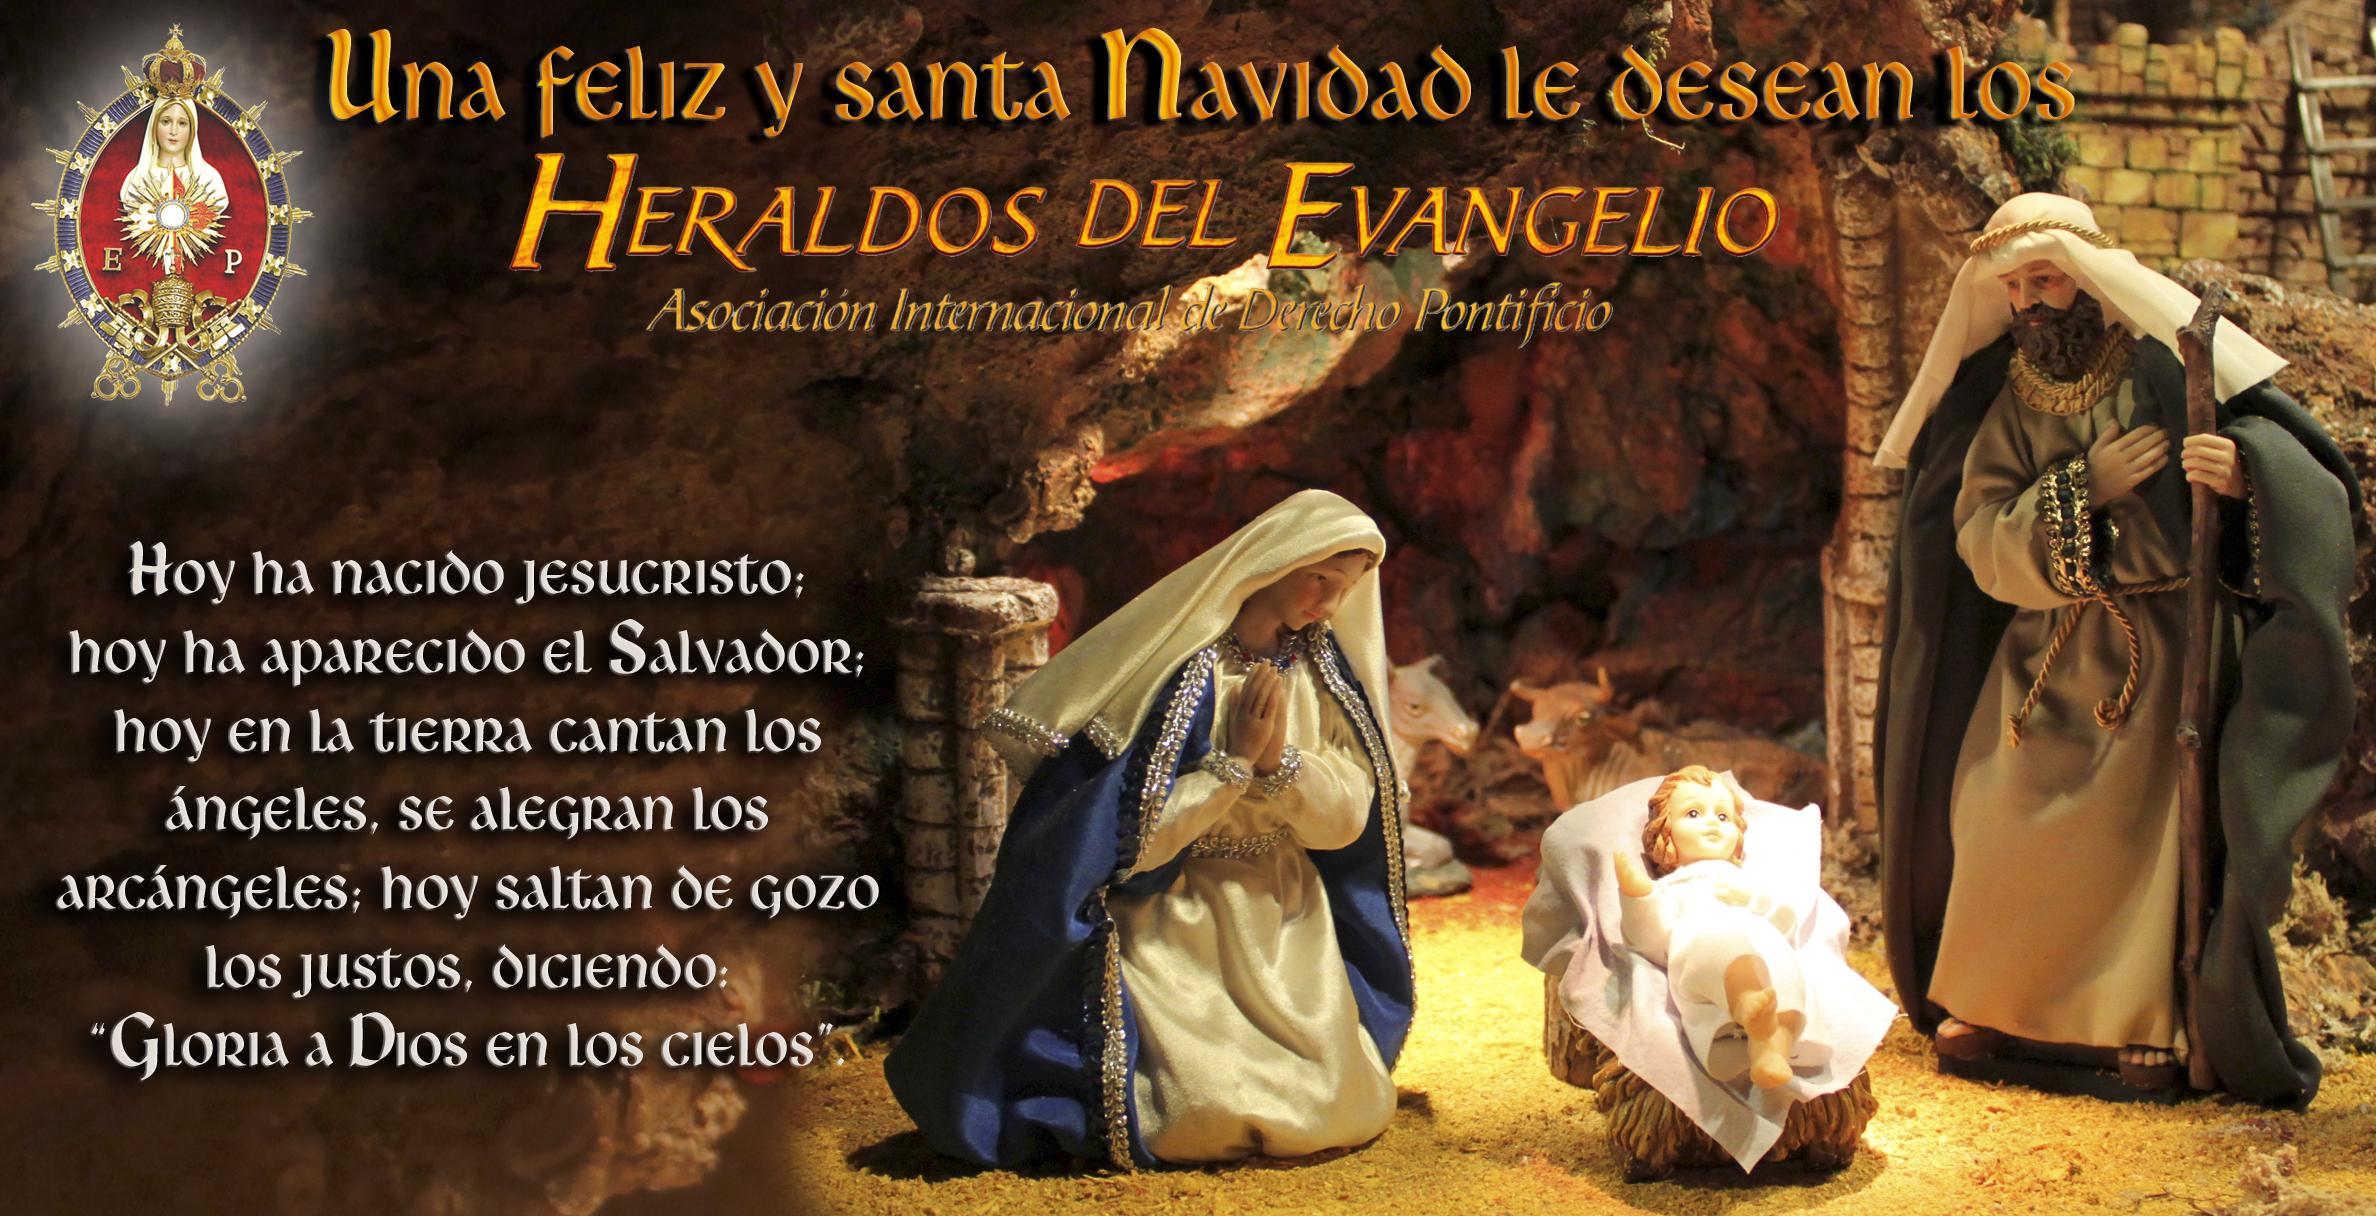 Feliz y Santa Navidad